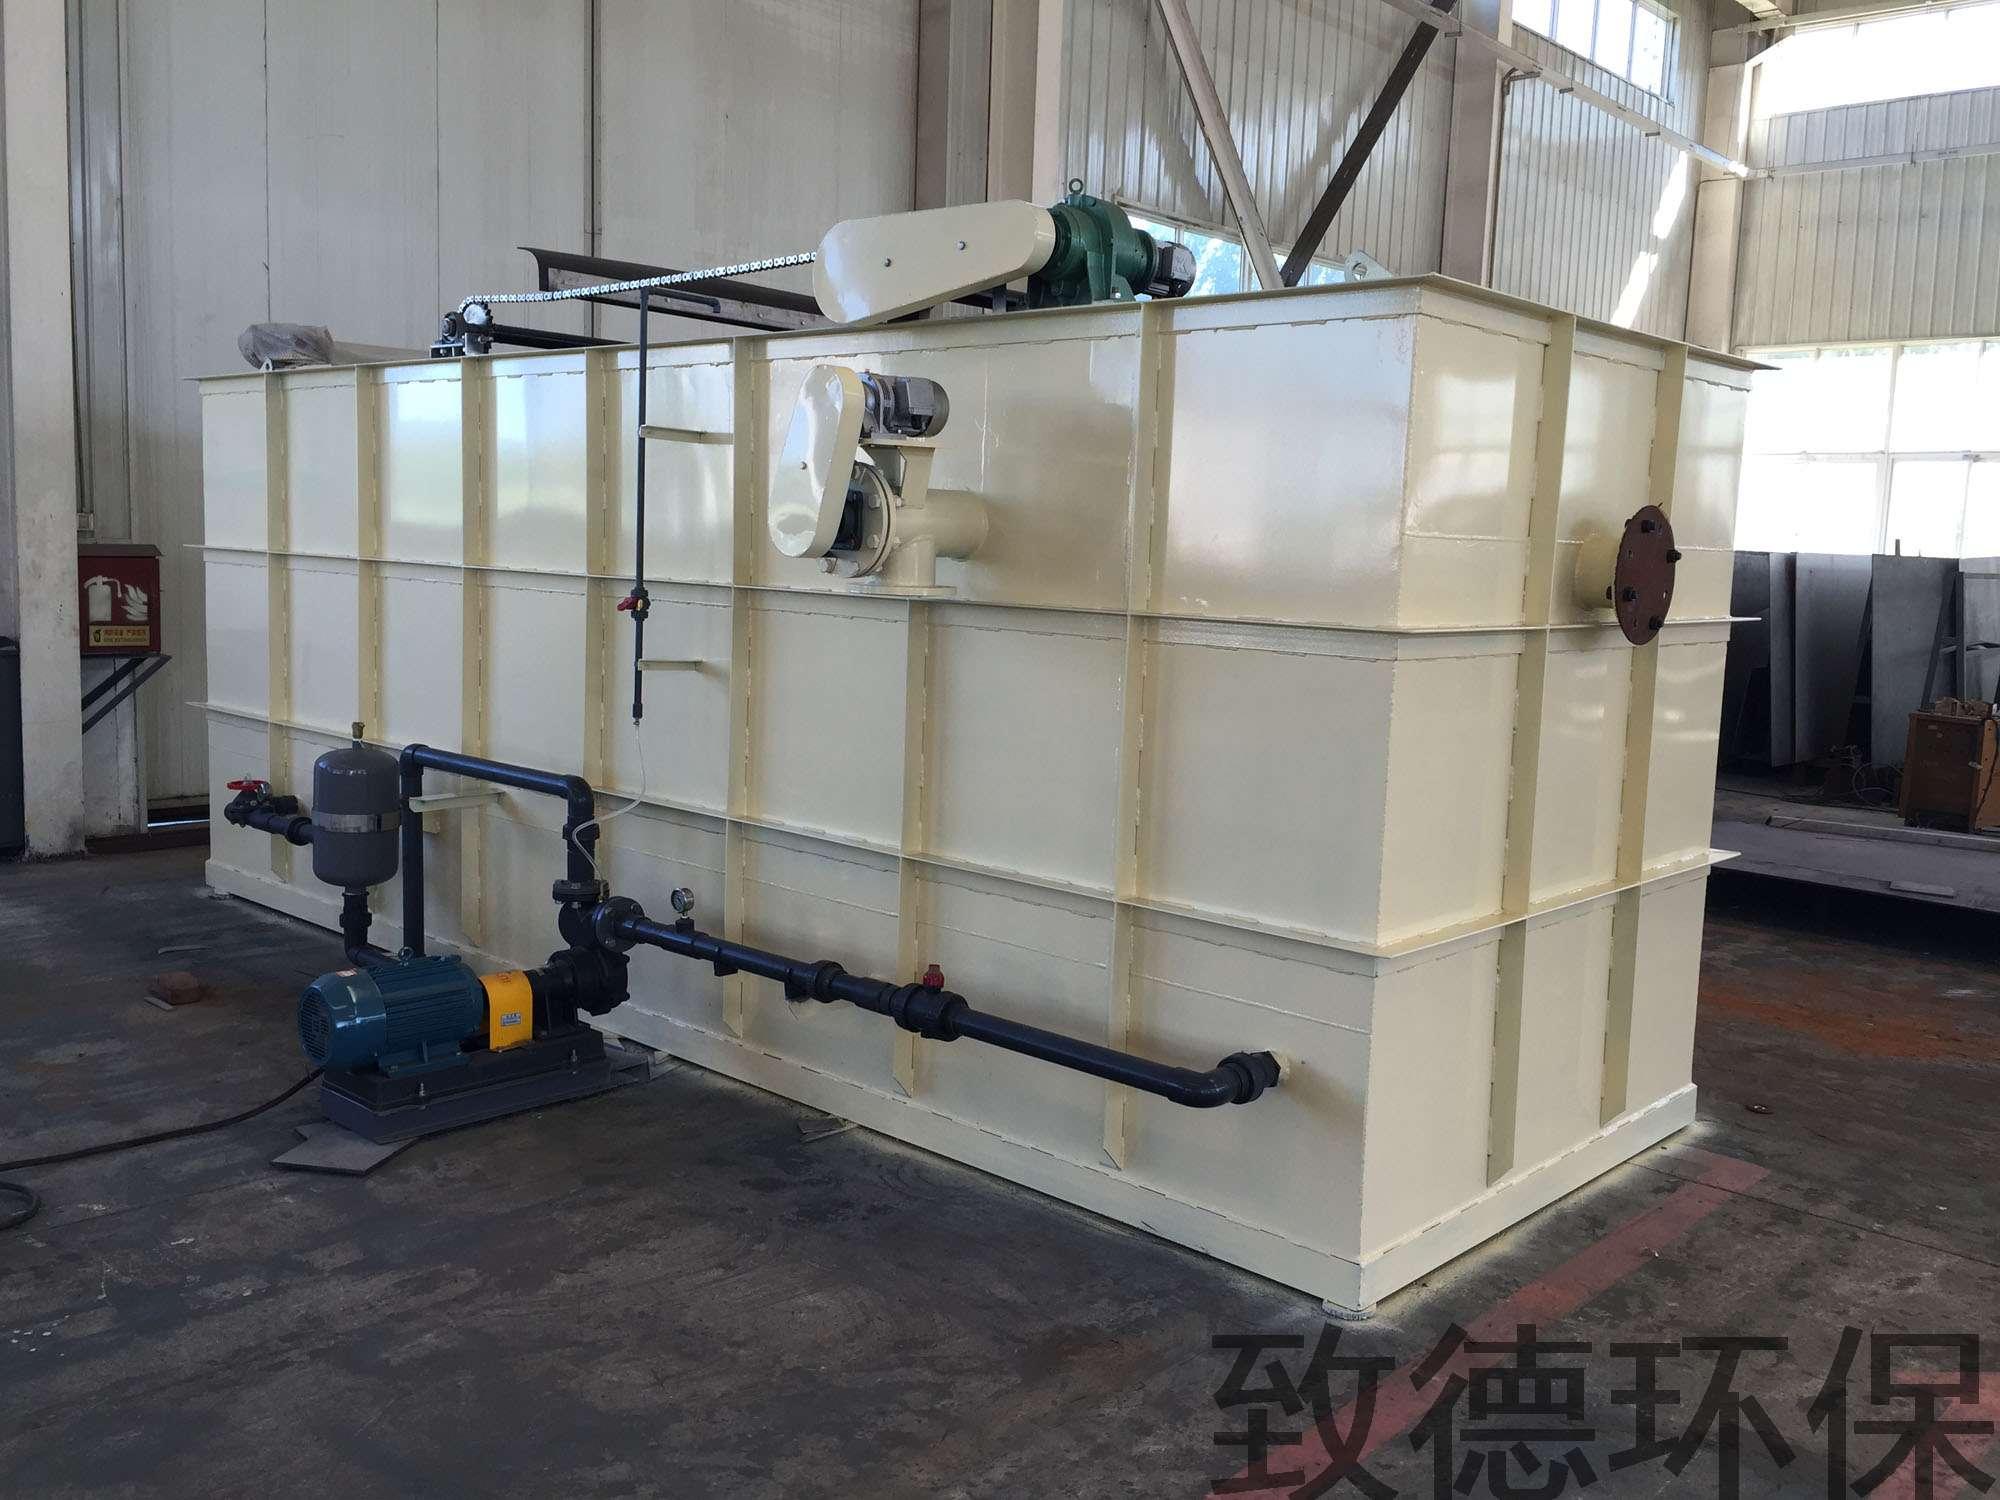 水处理50吨每小时溶气气浮机那种类型的运行最稳定?涡流式气浮机